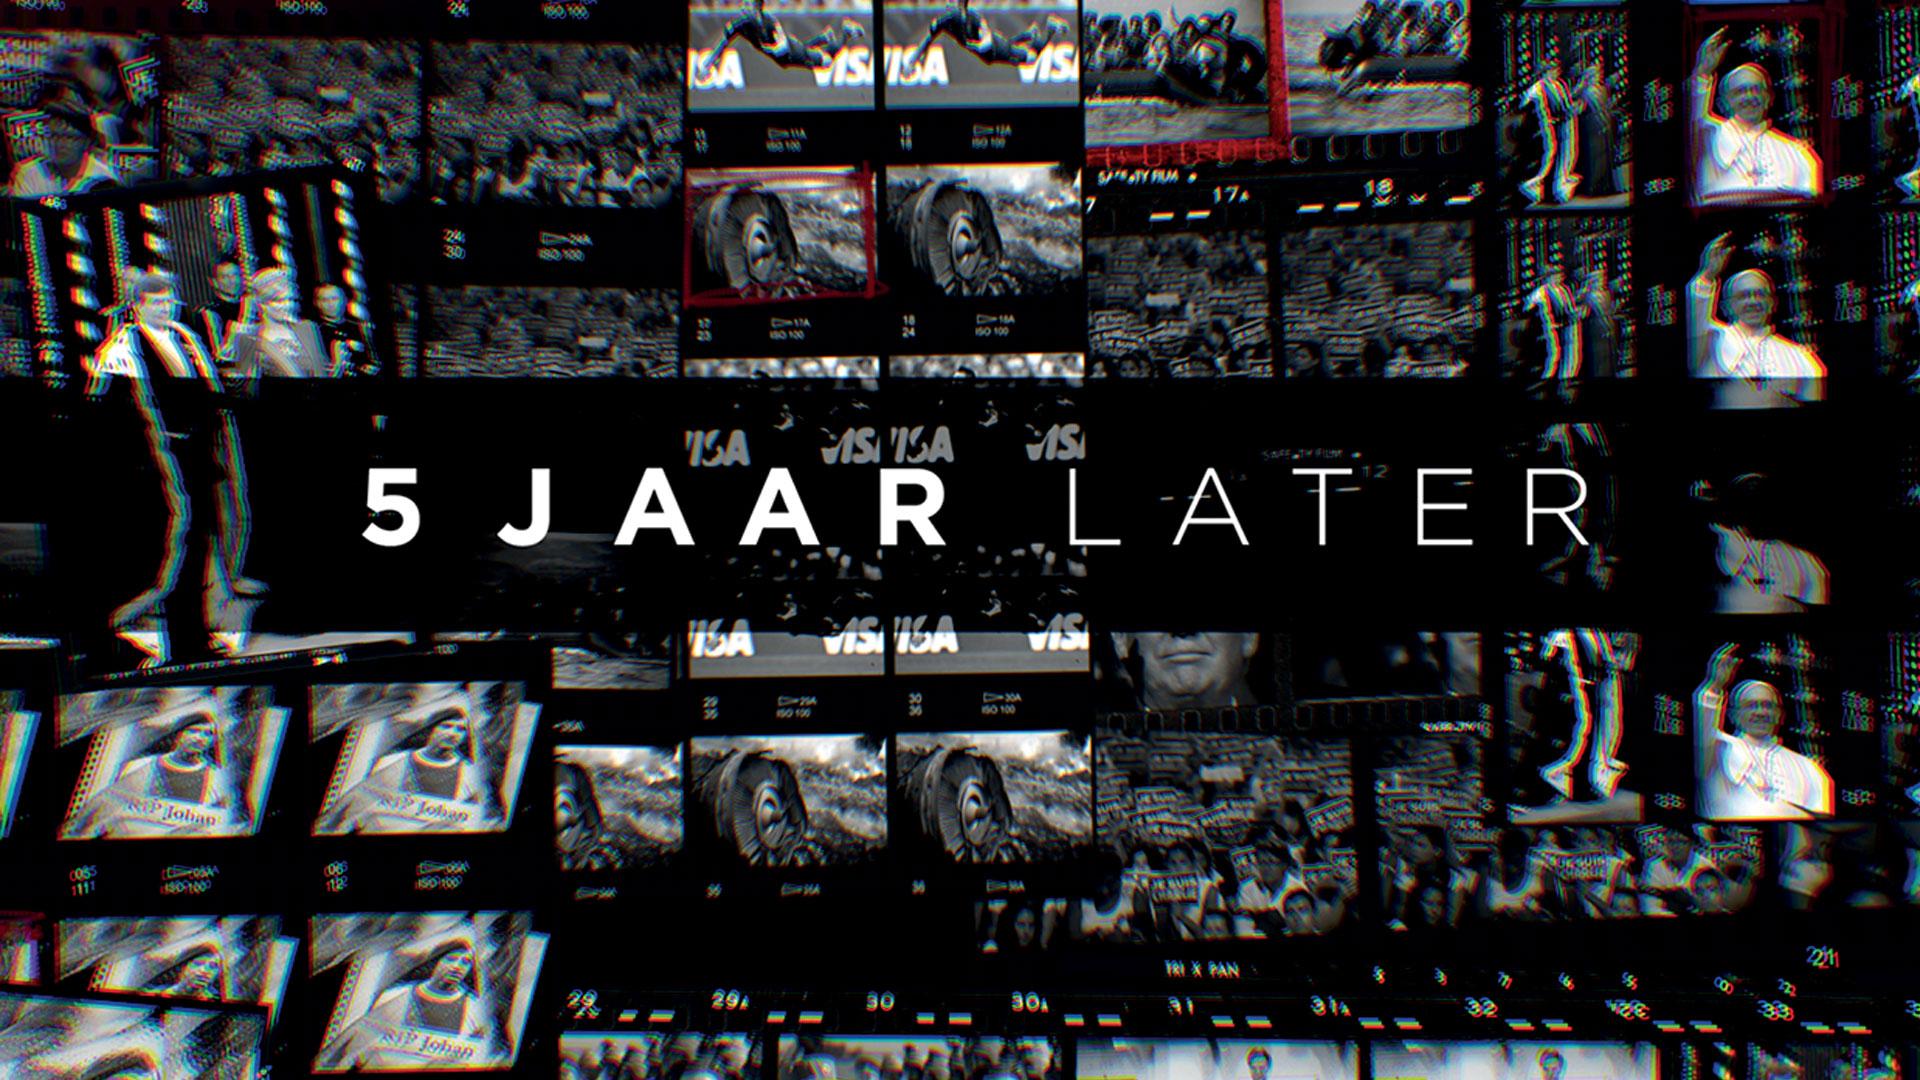 5 Jaar Later